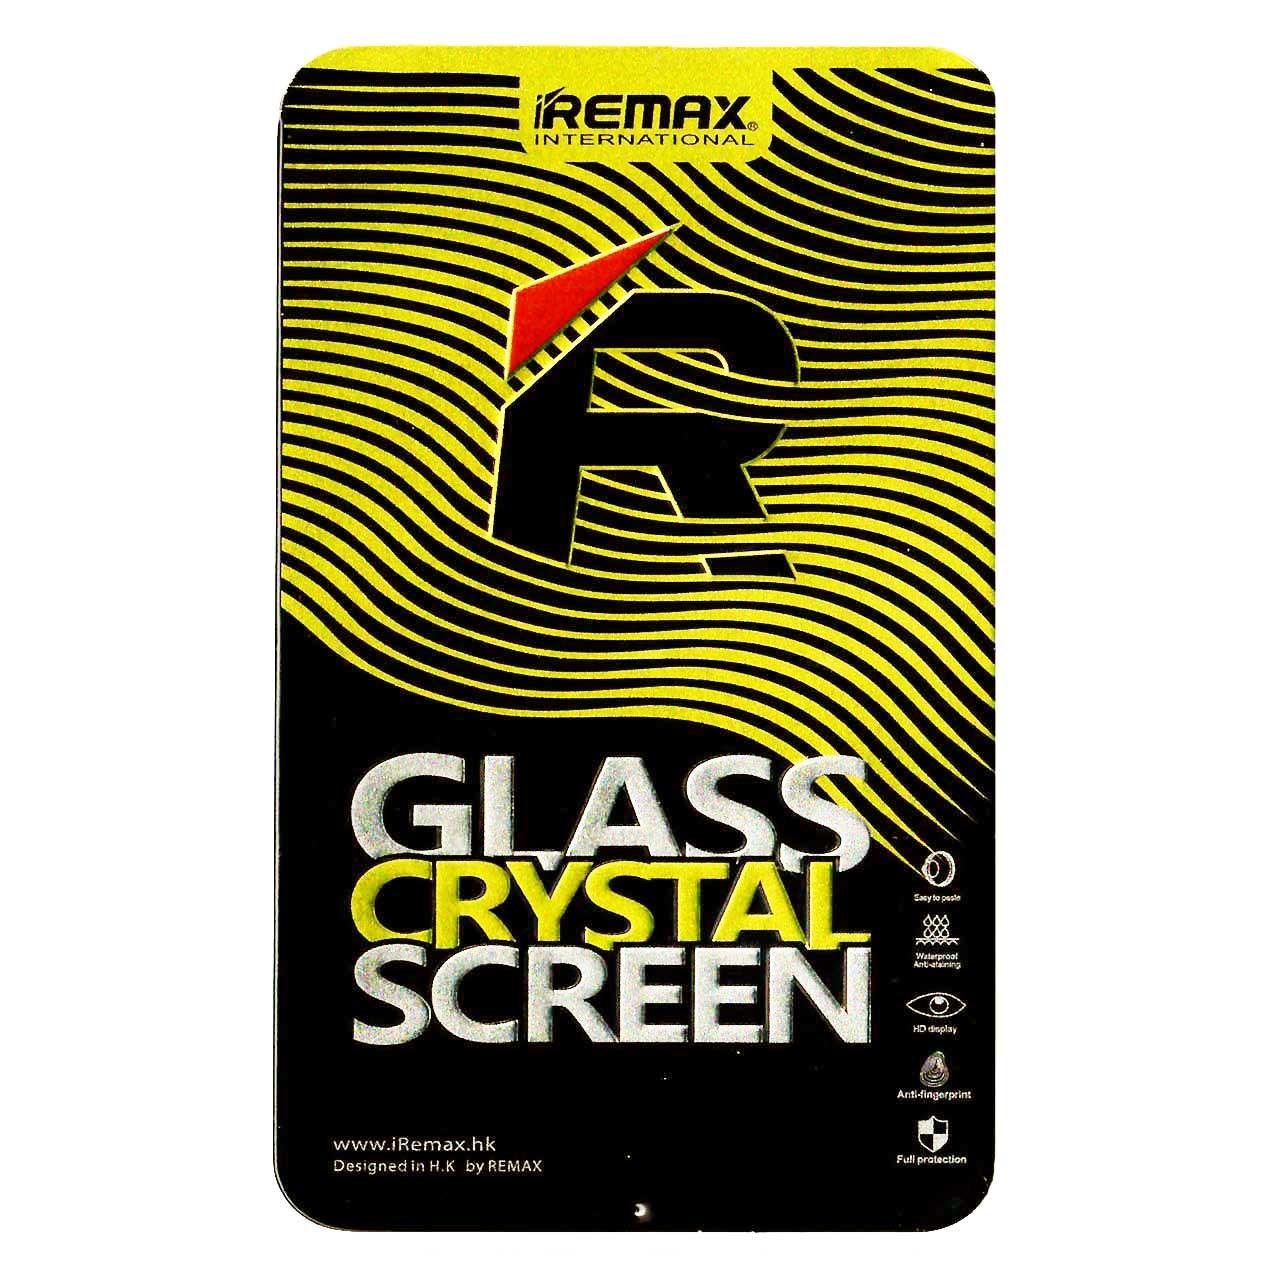 بررسی و {خرید با تخفیف} محافظ صفحه نمایش طلقی دوربین ریمکس مناسب برای کانن G5 X اصل